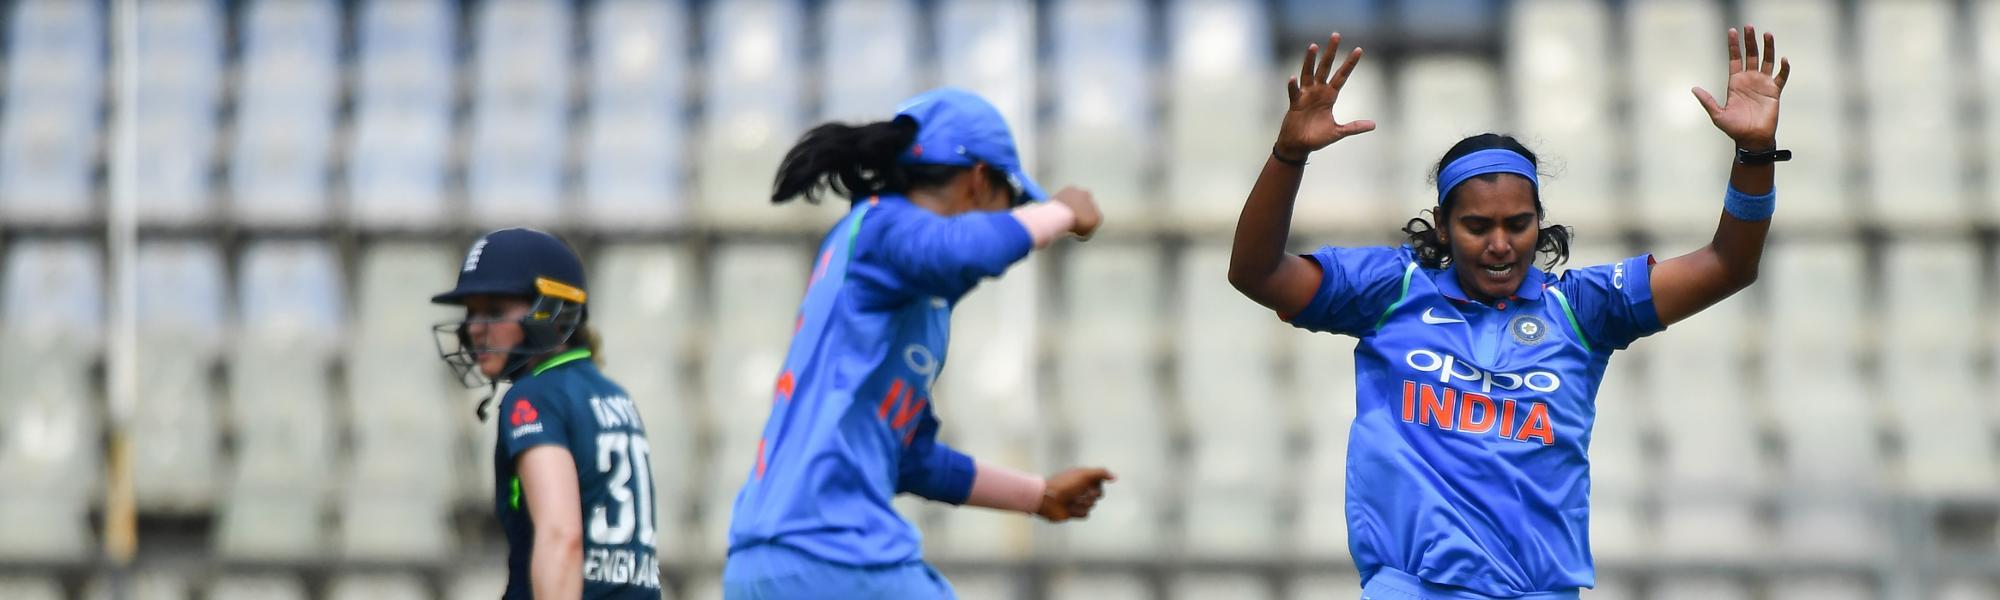 India v England Shikha - Photo: AFP